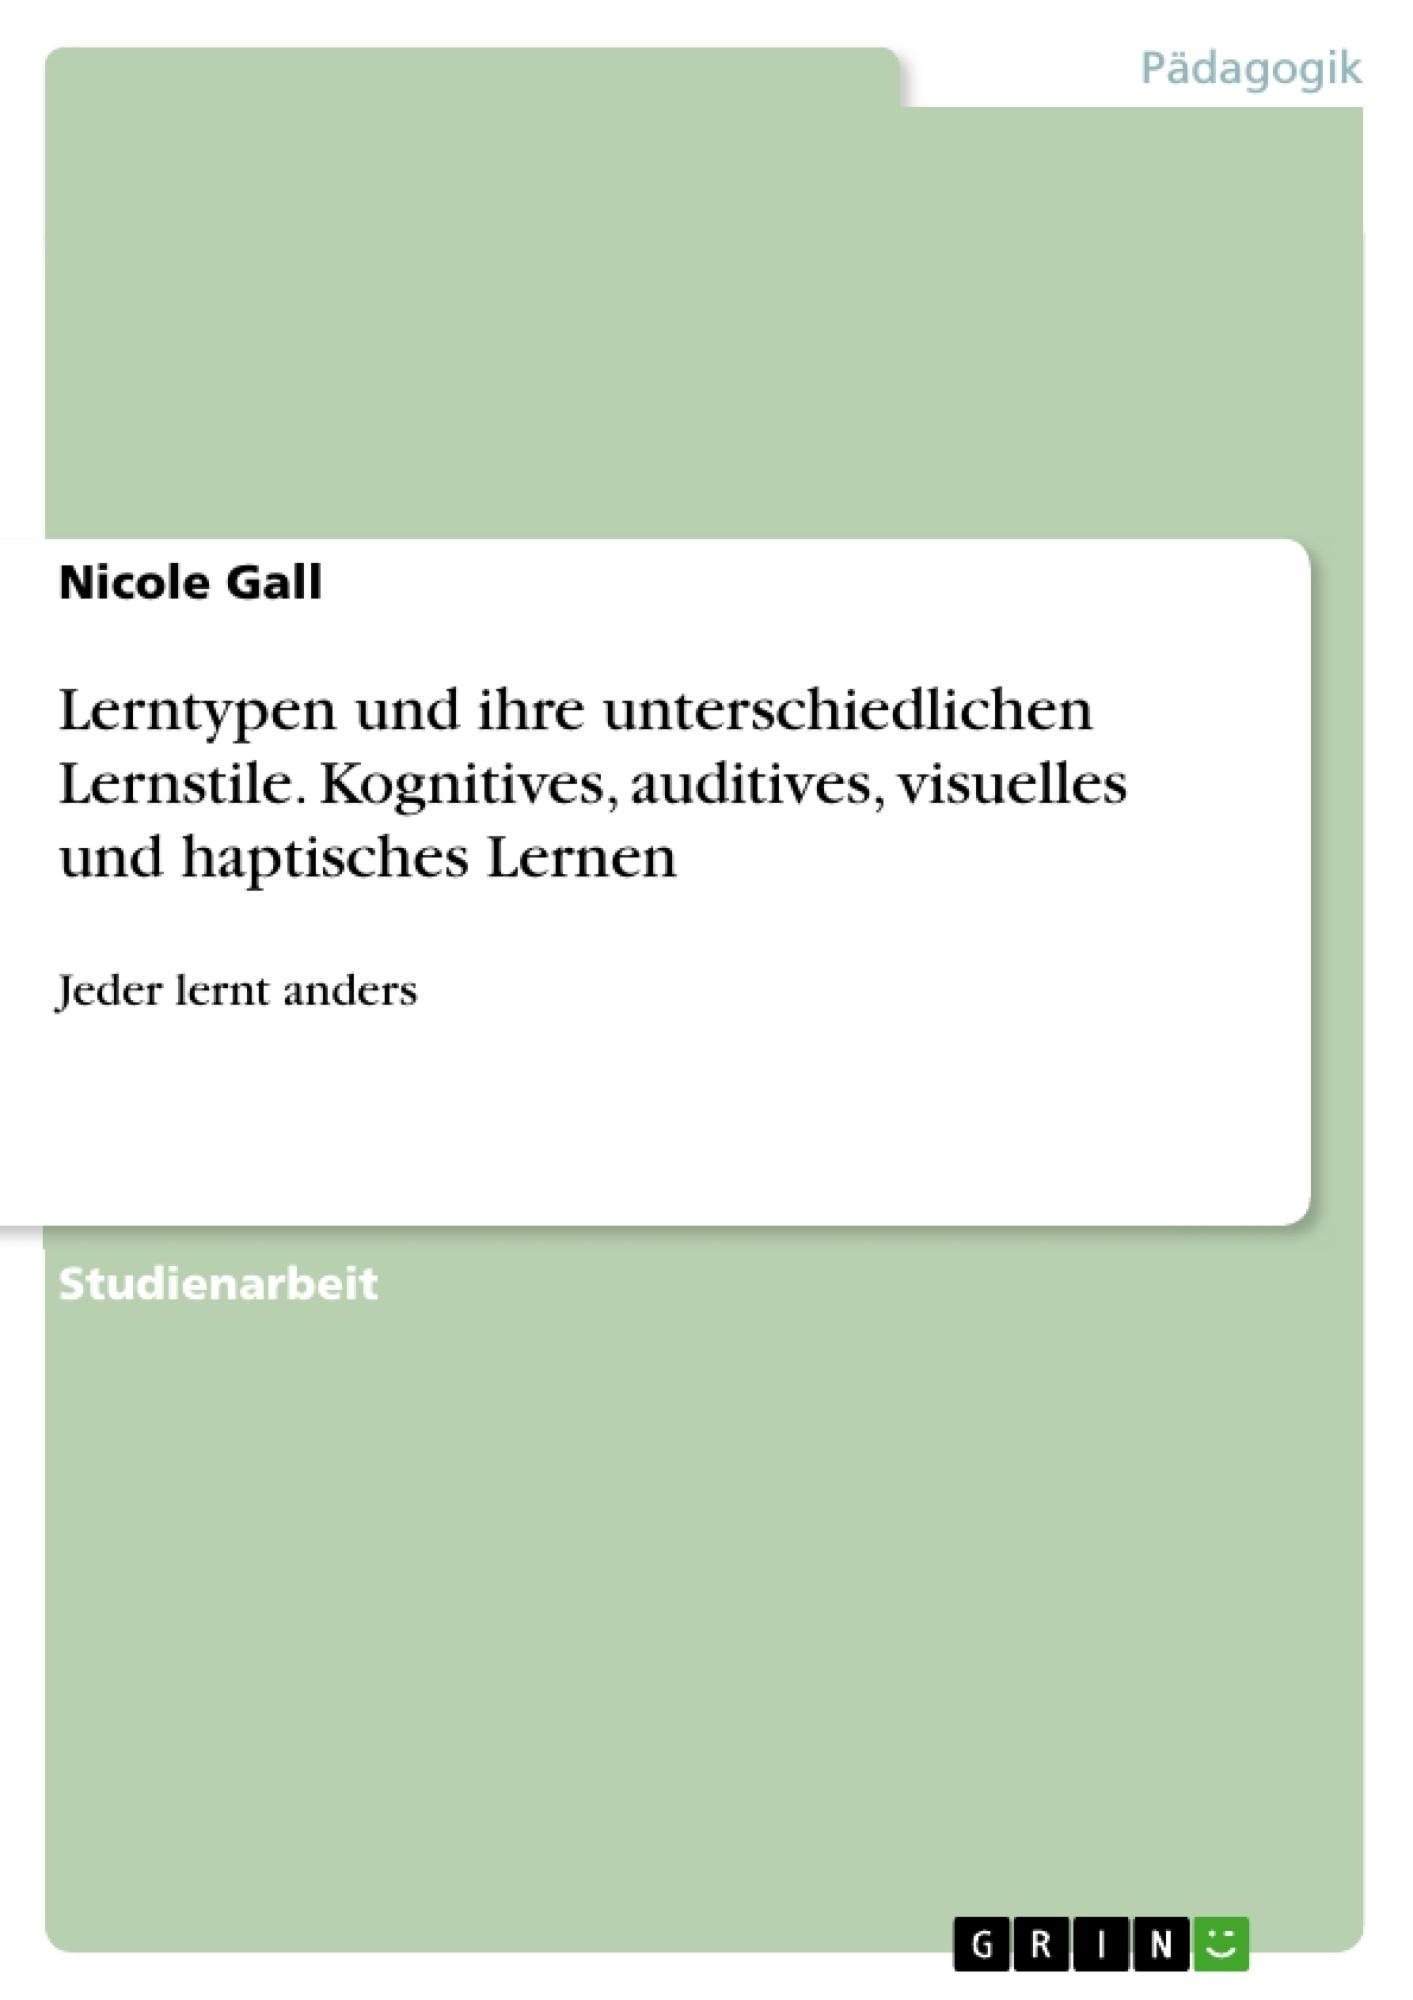 Titel: Lerntypen und ihre unterschiedlichen Lernstile. Kognitives, auditives, visuelles und haptisches Lernen